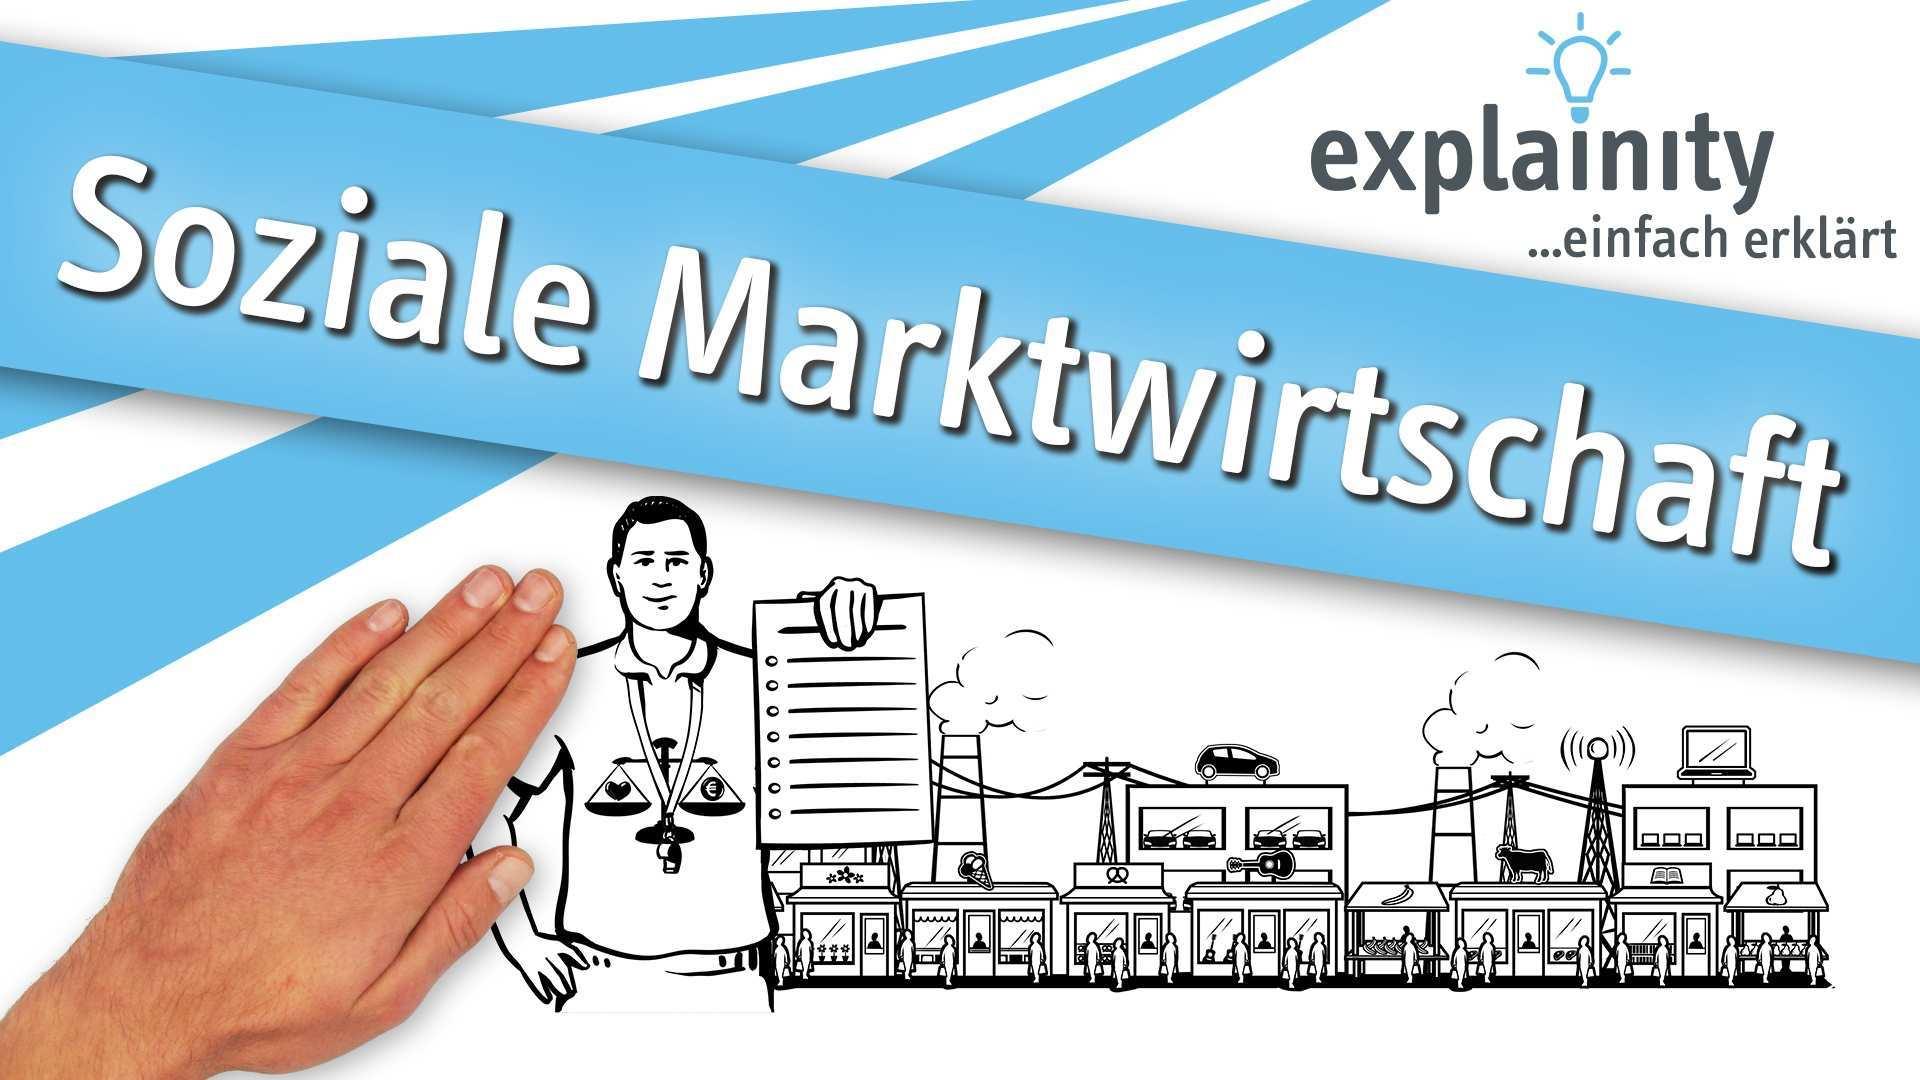 Soziale Marktwirtschaft Einfach Erklart By Explainity